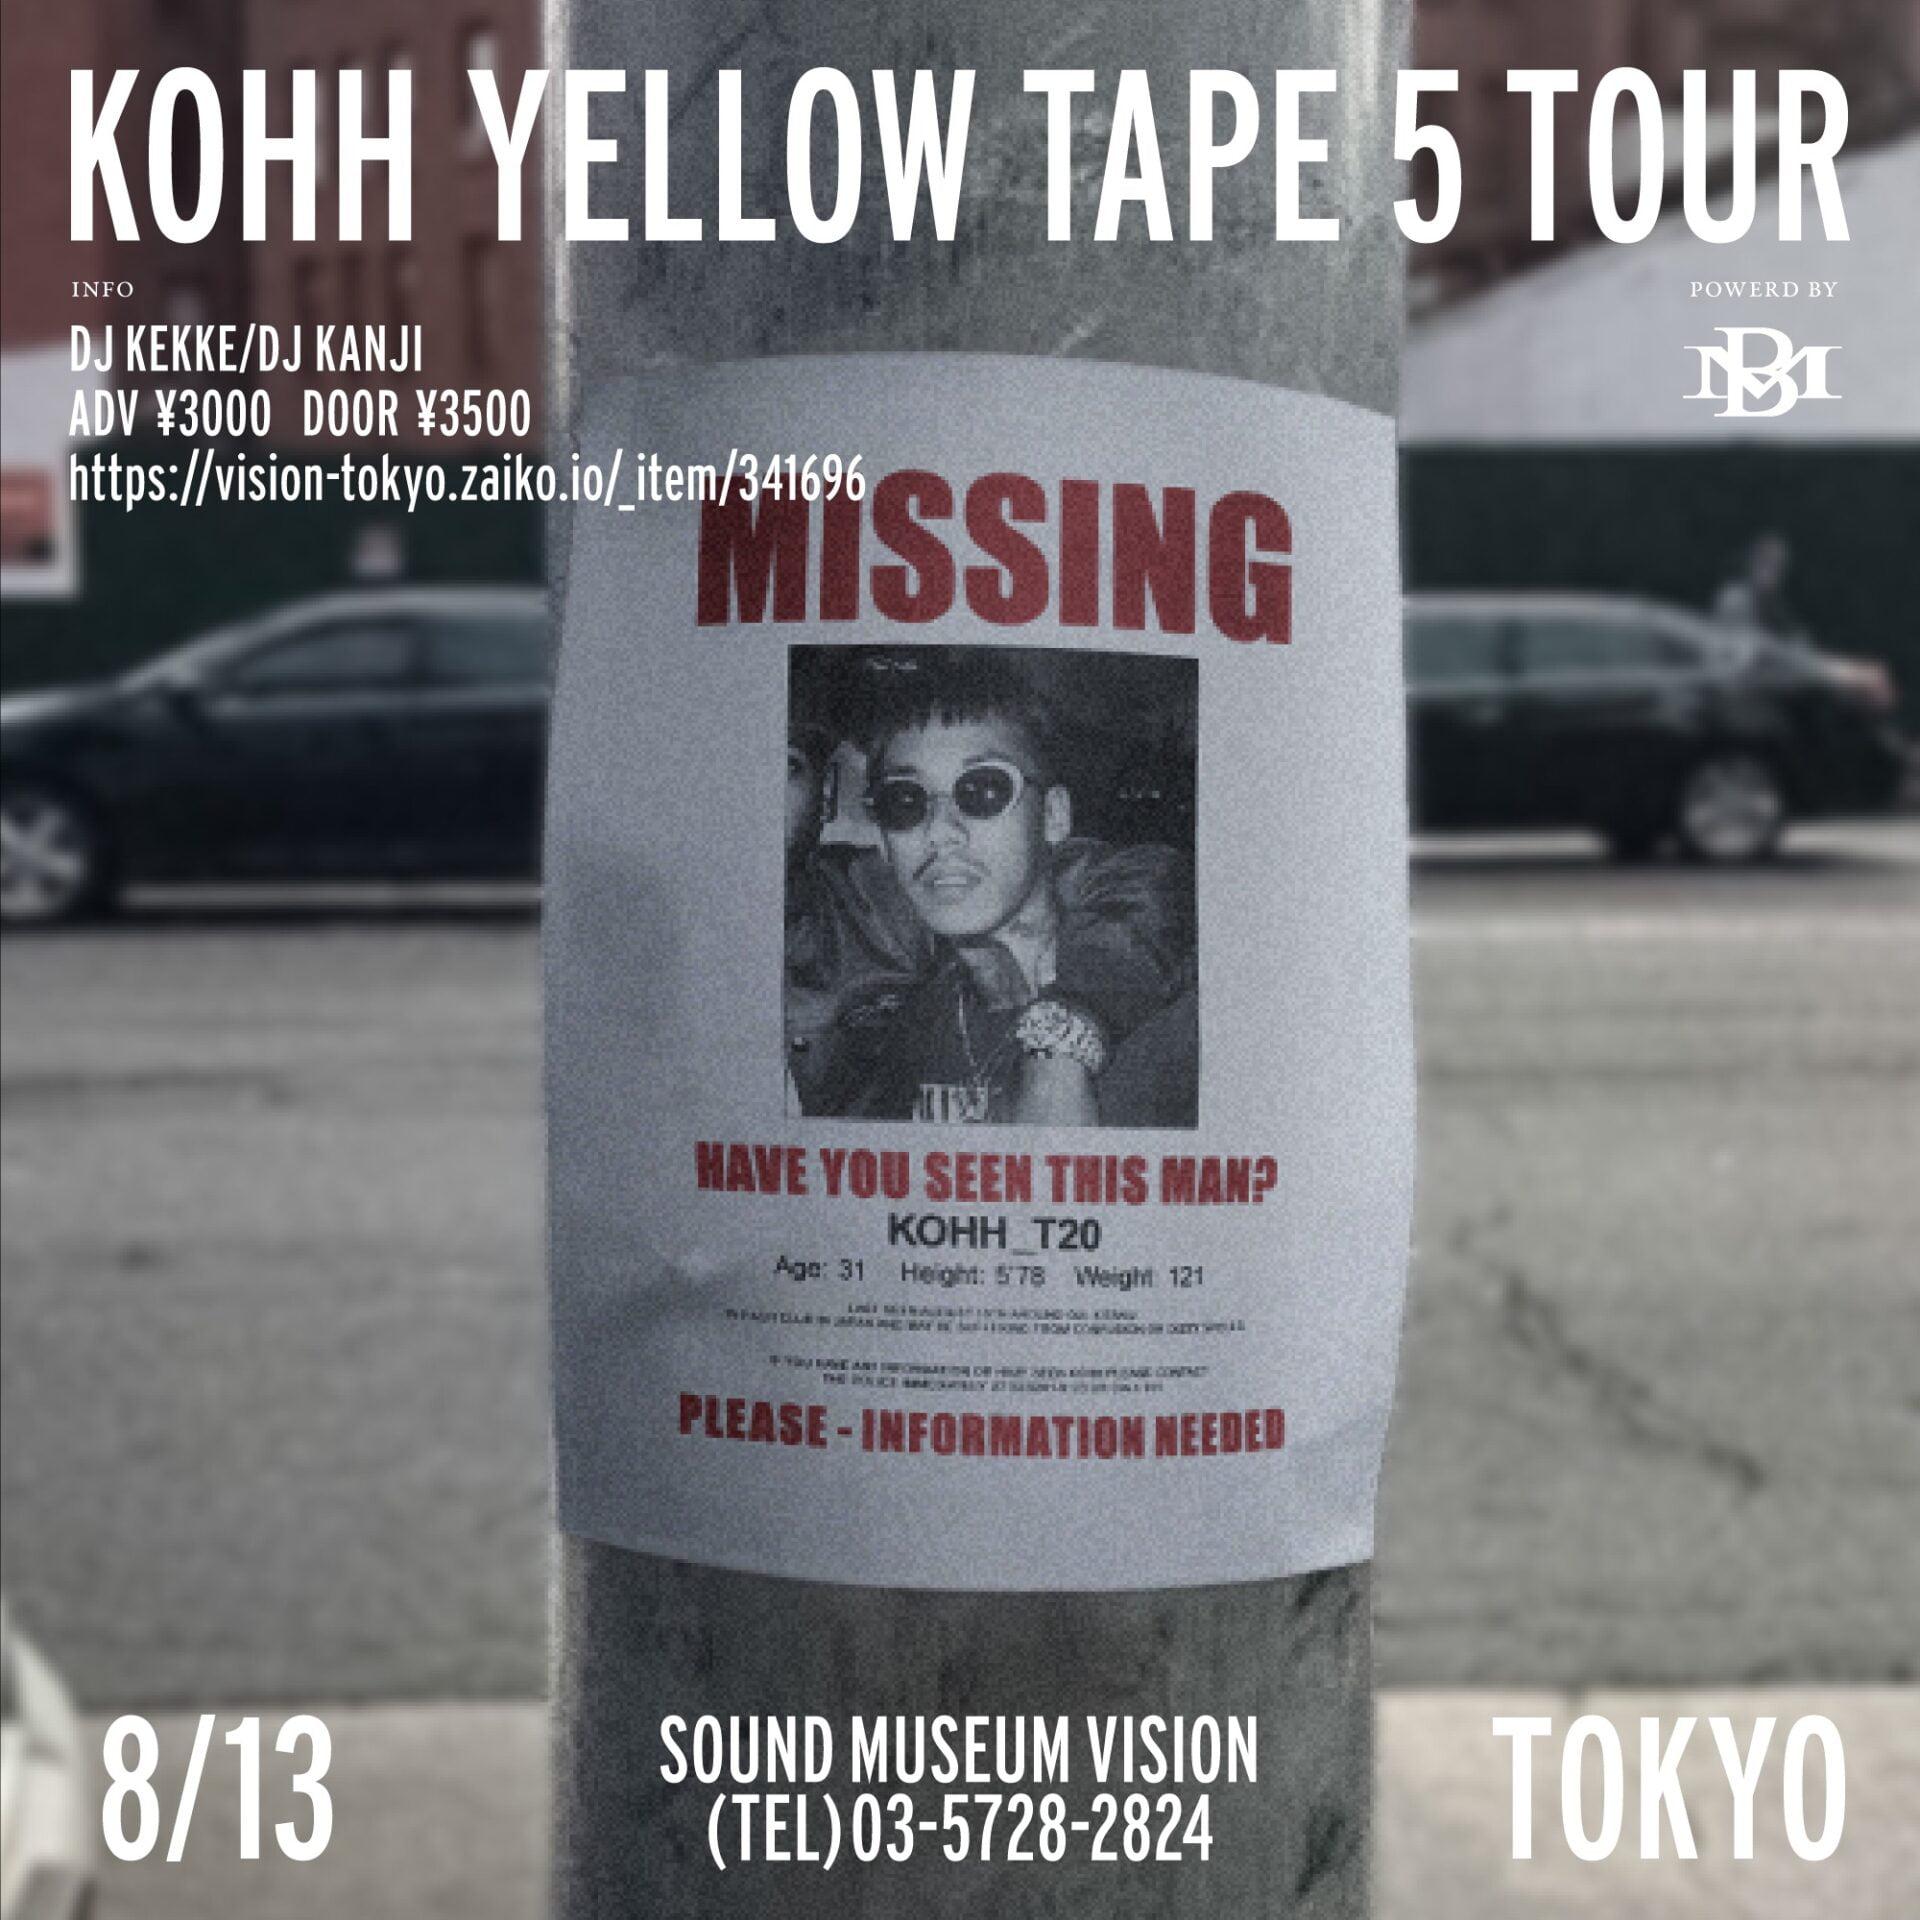 KOHH YELLOW TAPE 5 TOUR